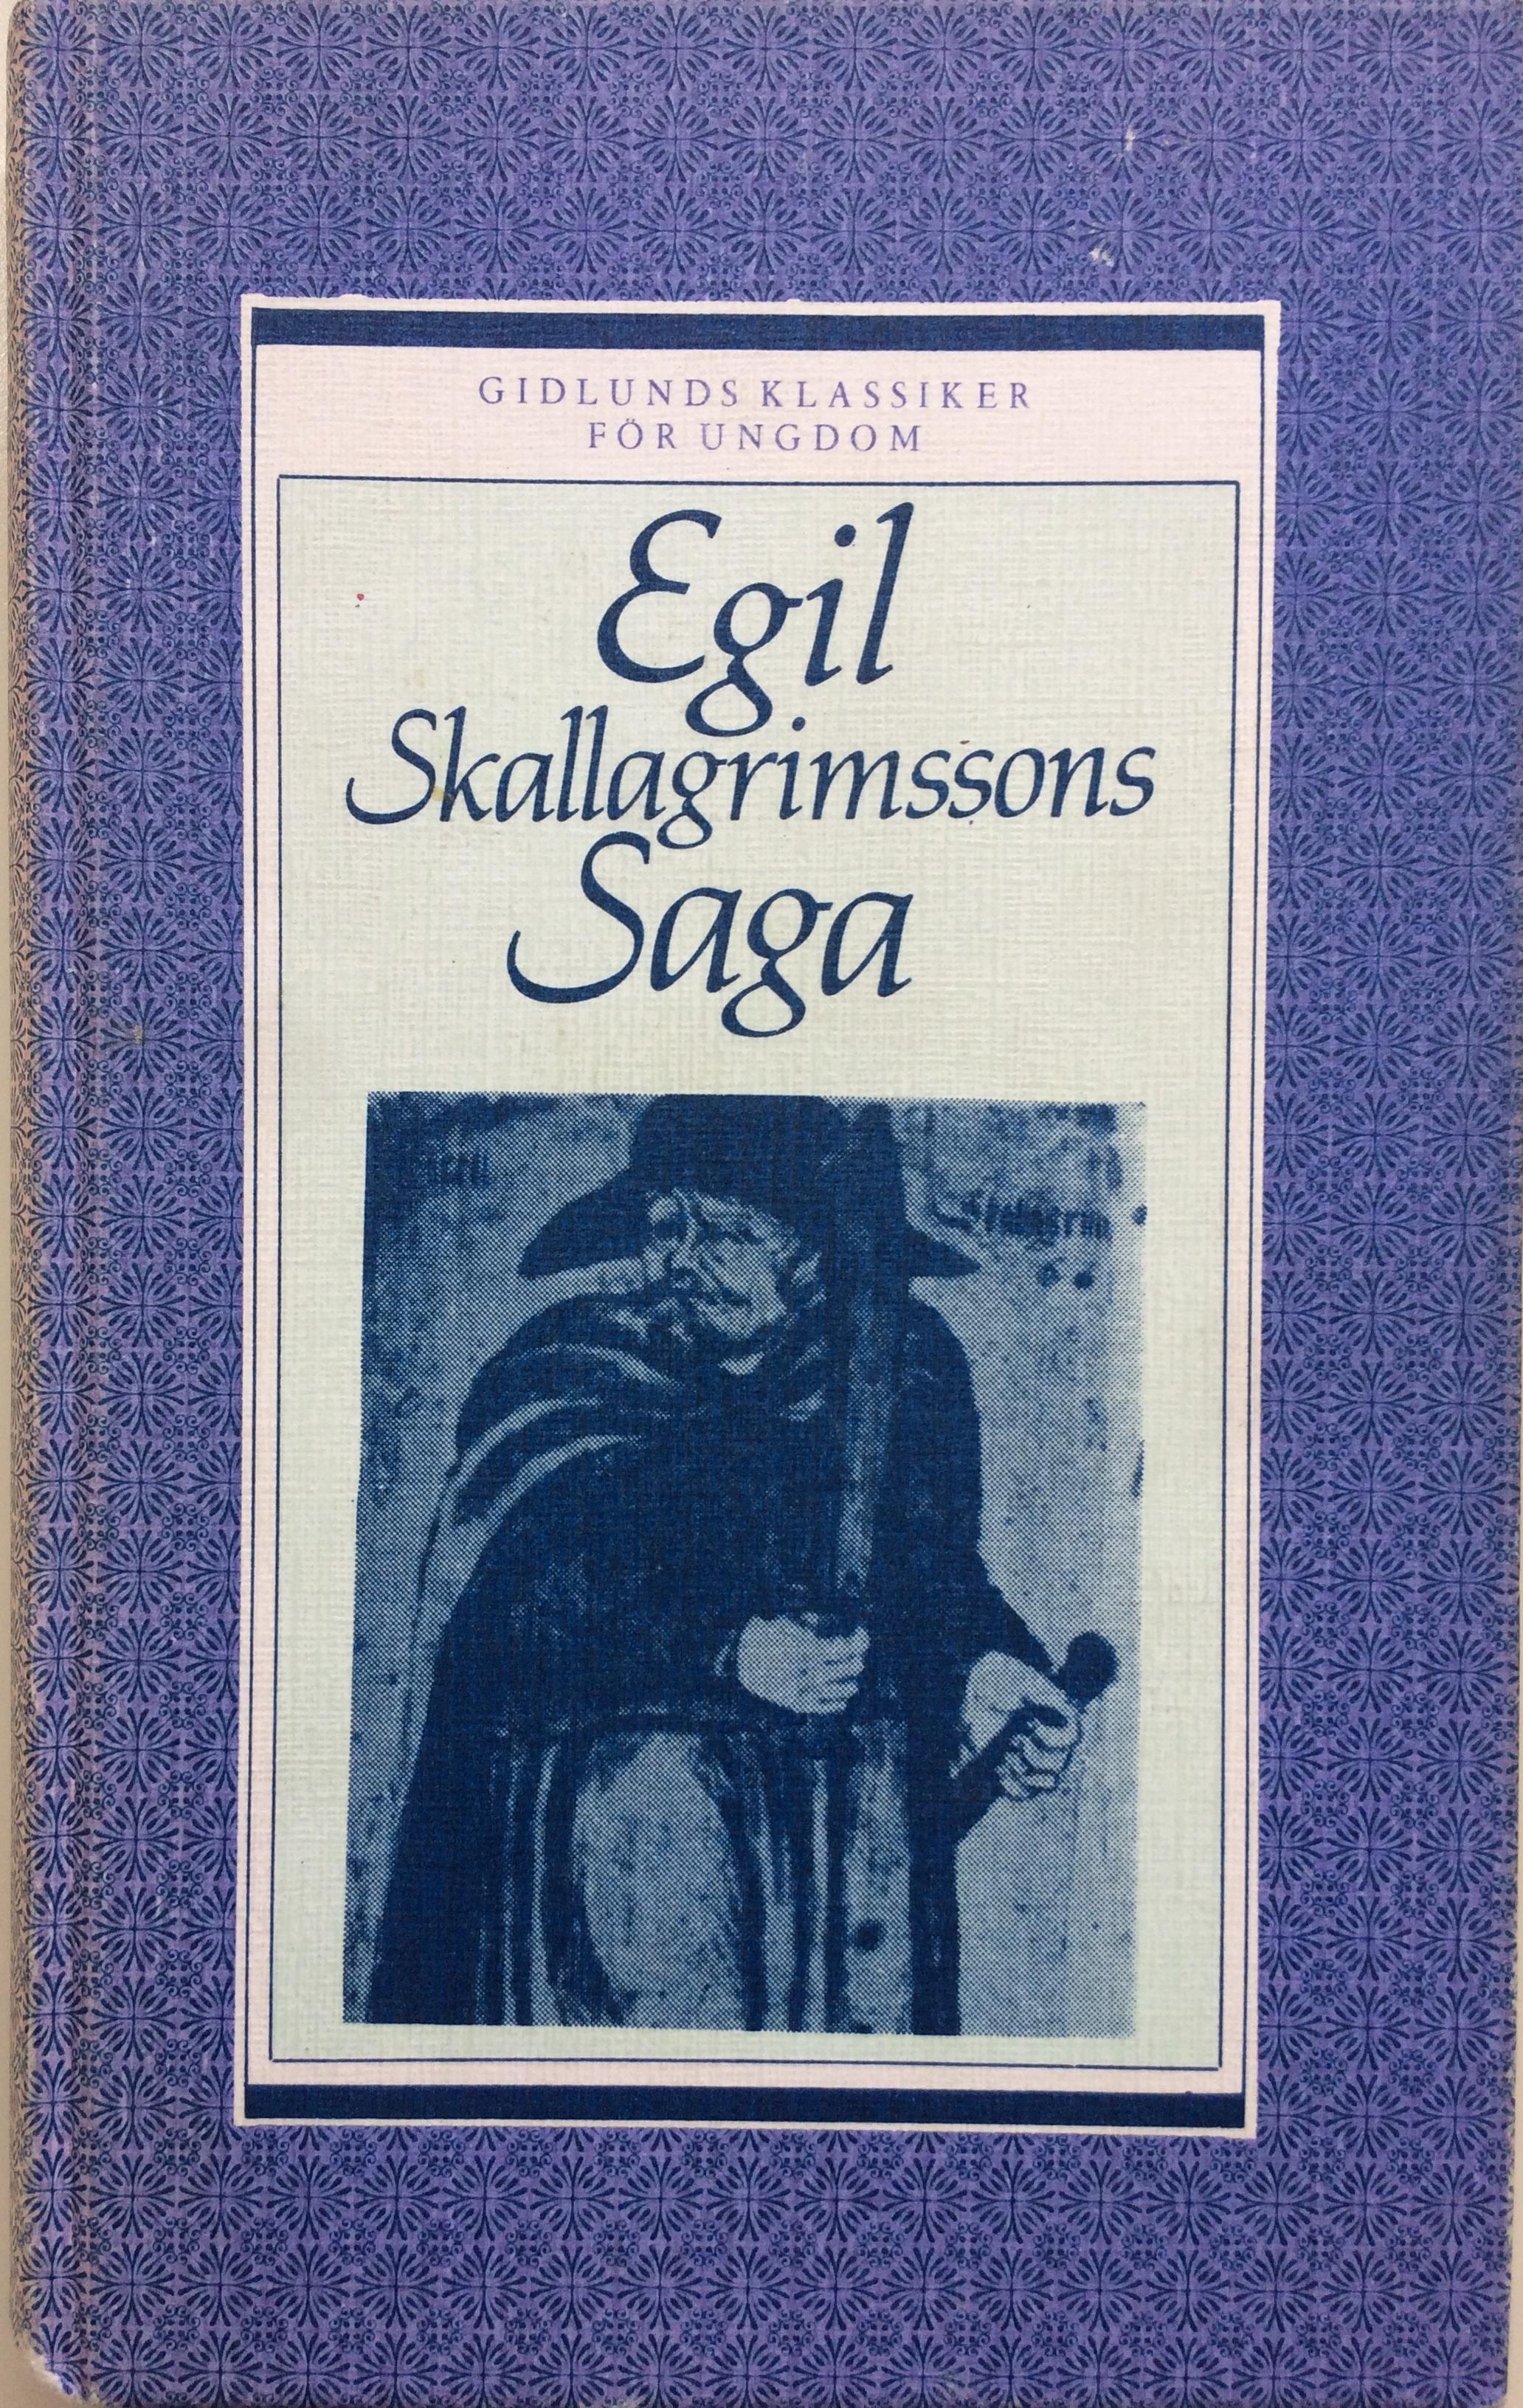 """Alving, Hjalmar (övers.) """"Egil Skallagrimssons saga"""" KARTONNAGE"""